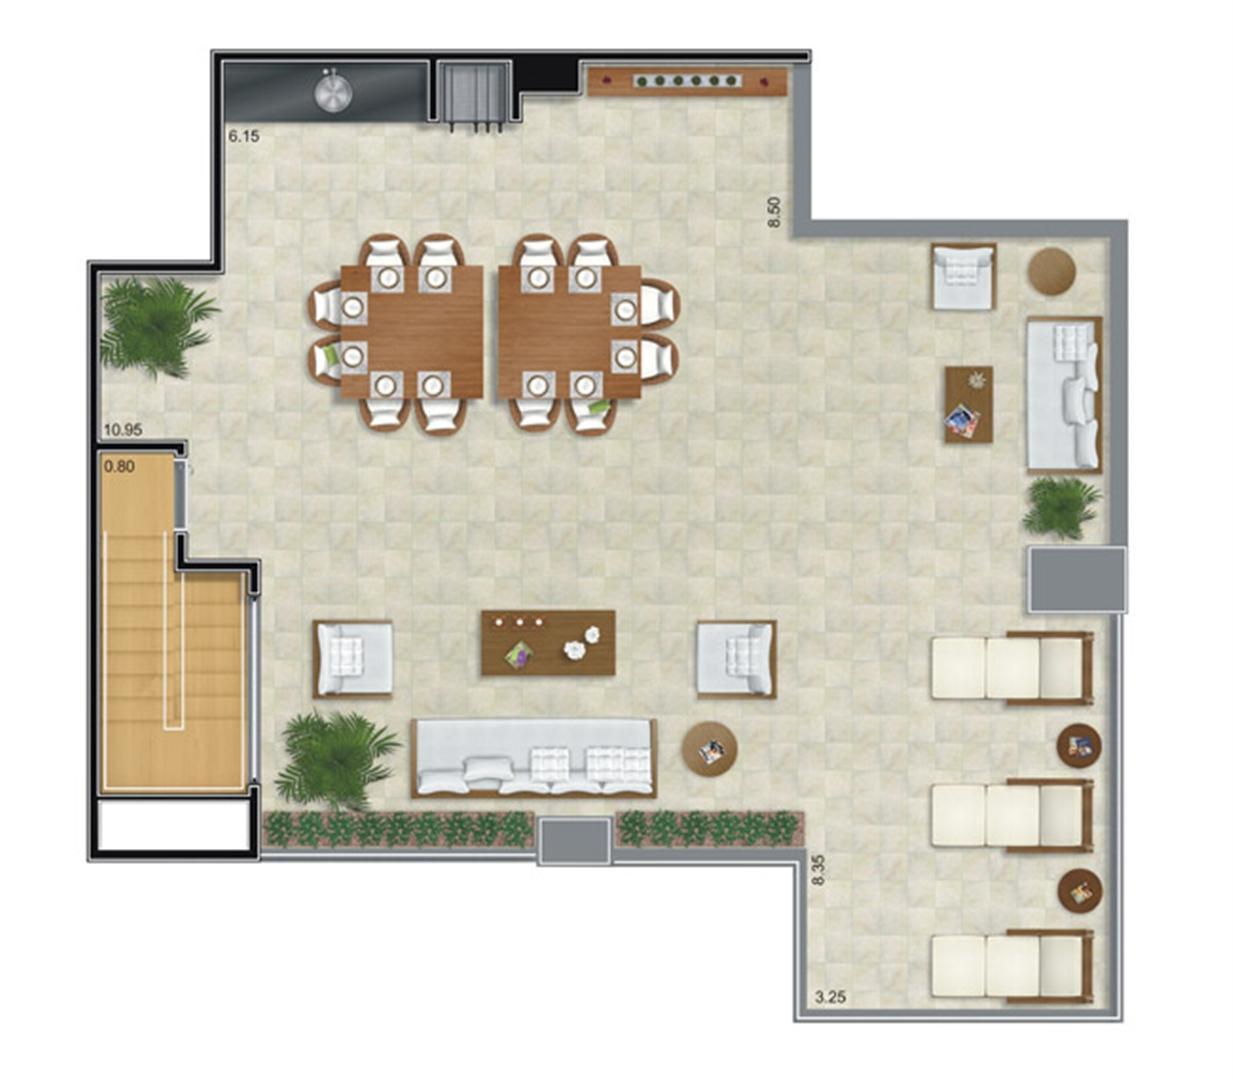 Cobertura Duplex Superior | Camino – Apartamento no  Belém - São Paulo - São Paulo